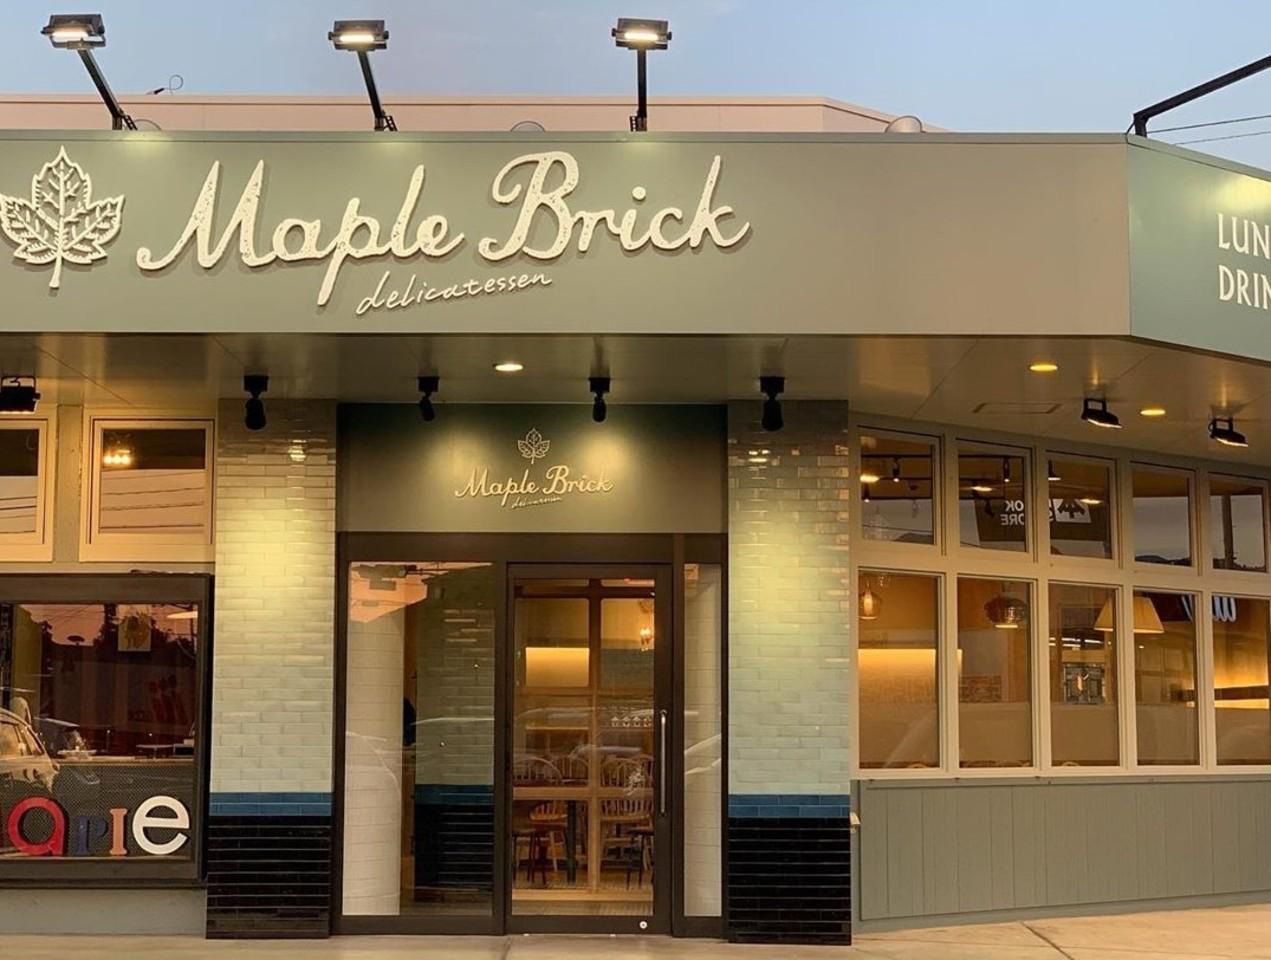 カフェみたいな洋食屋...愛媛県松山市フジグラン重信敷地内に「メープルブリック」明日グランドオープン